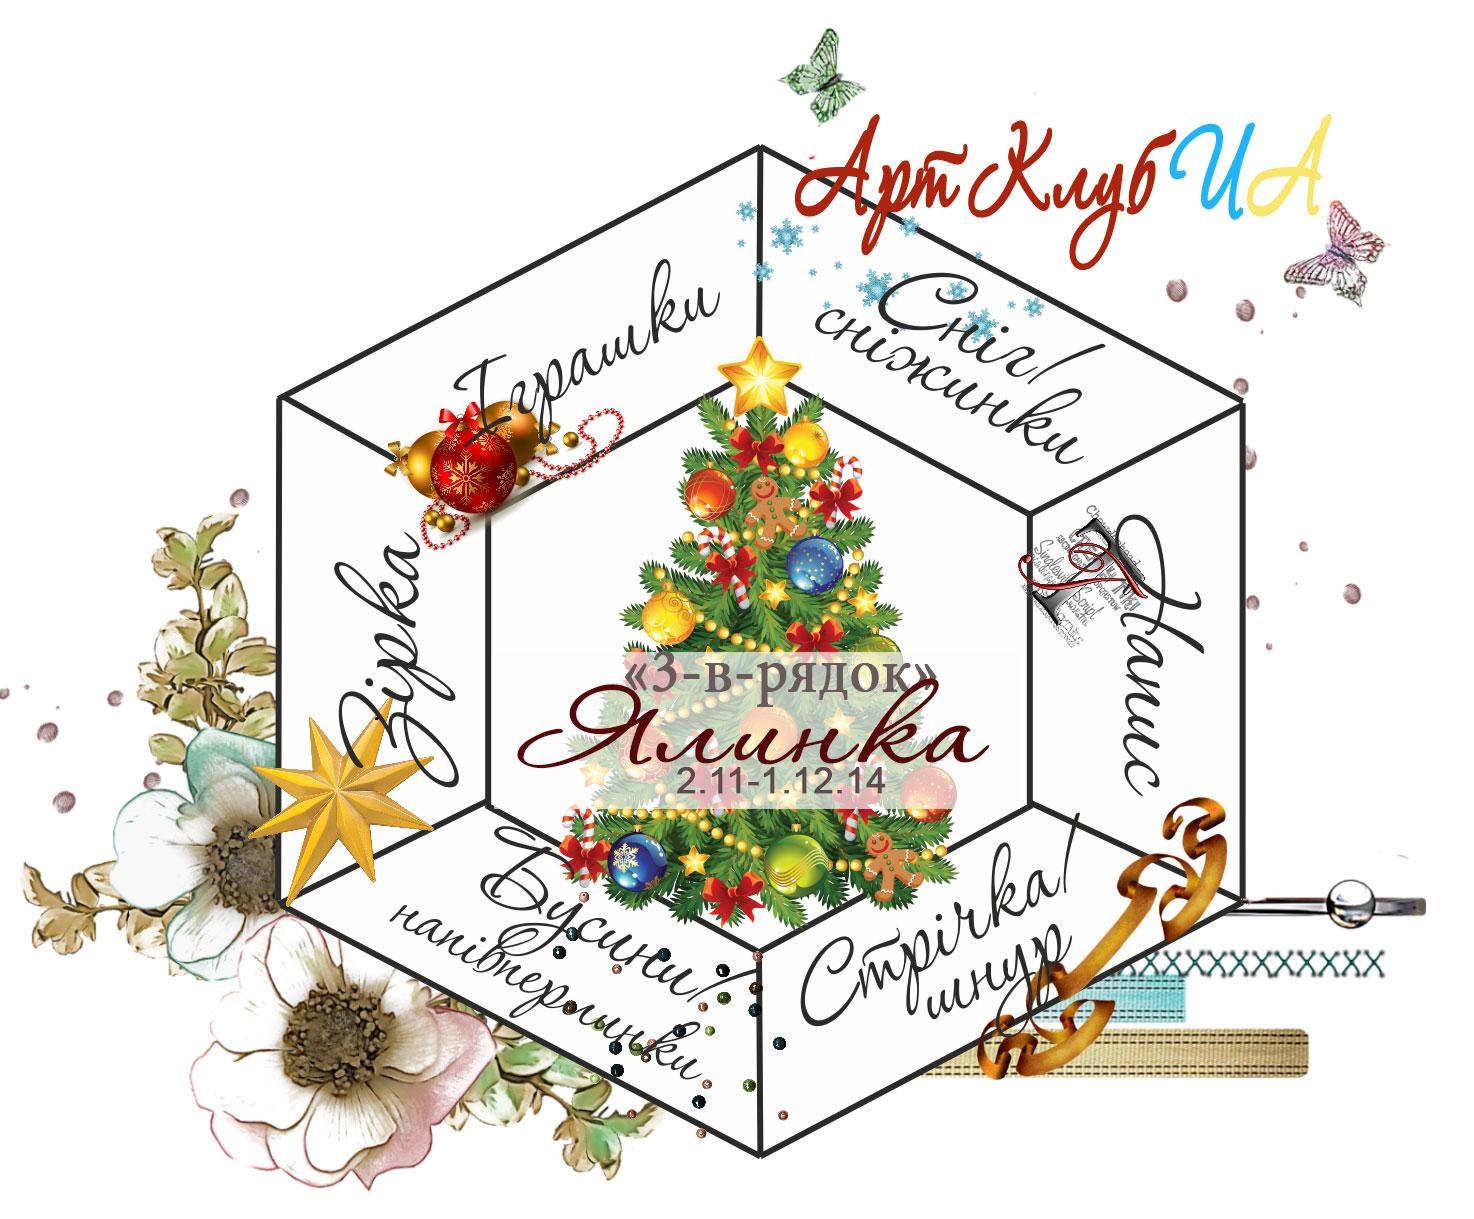 http://talya-club.blogspot.com/2014/11/2.html